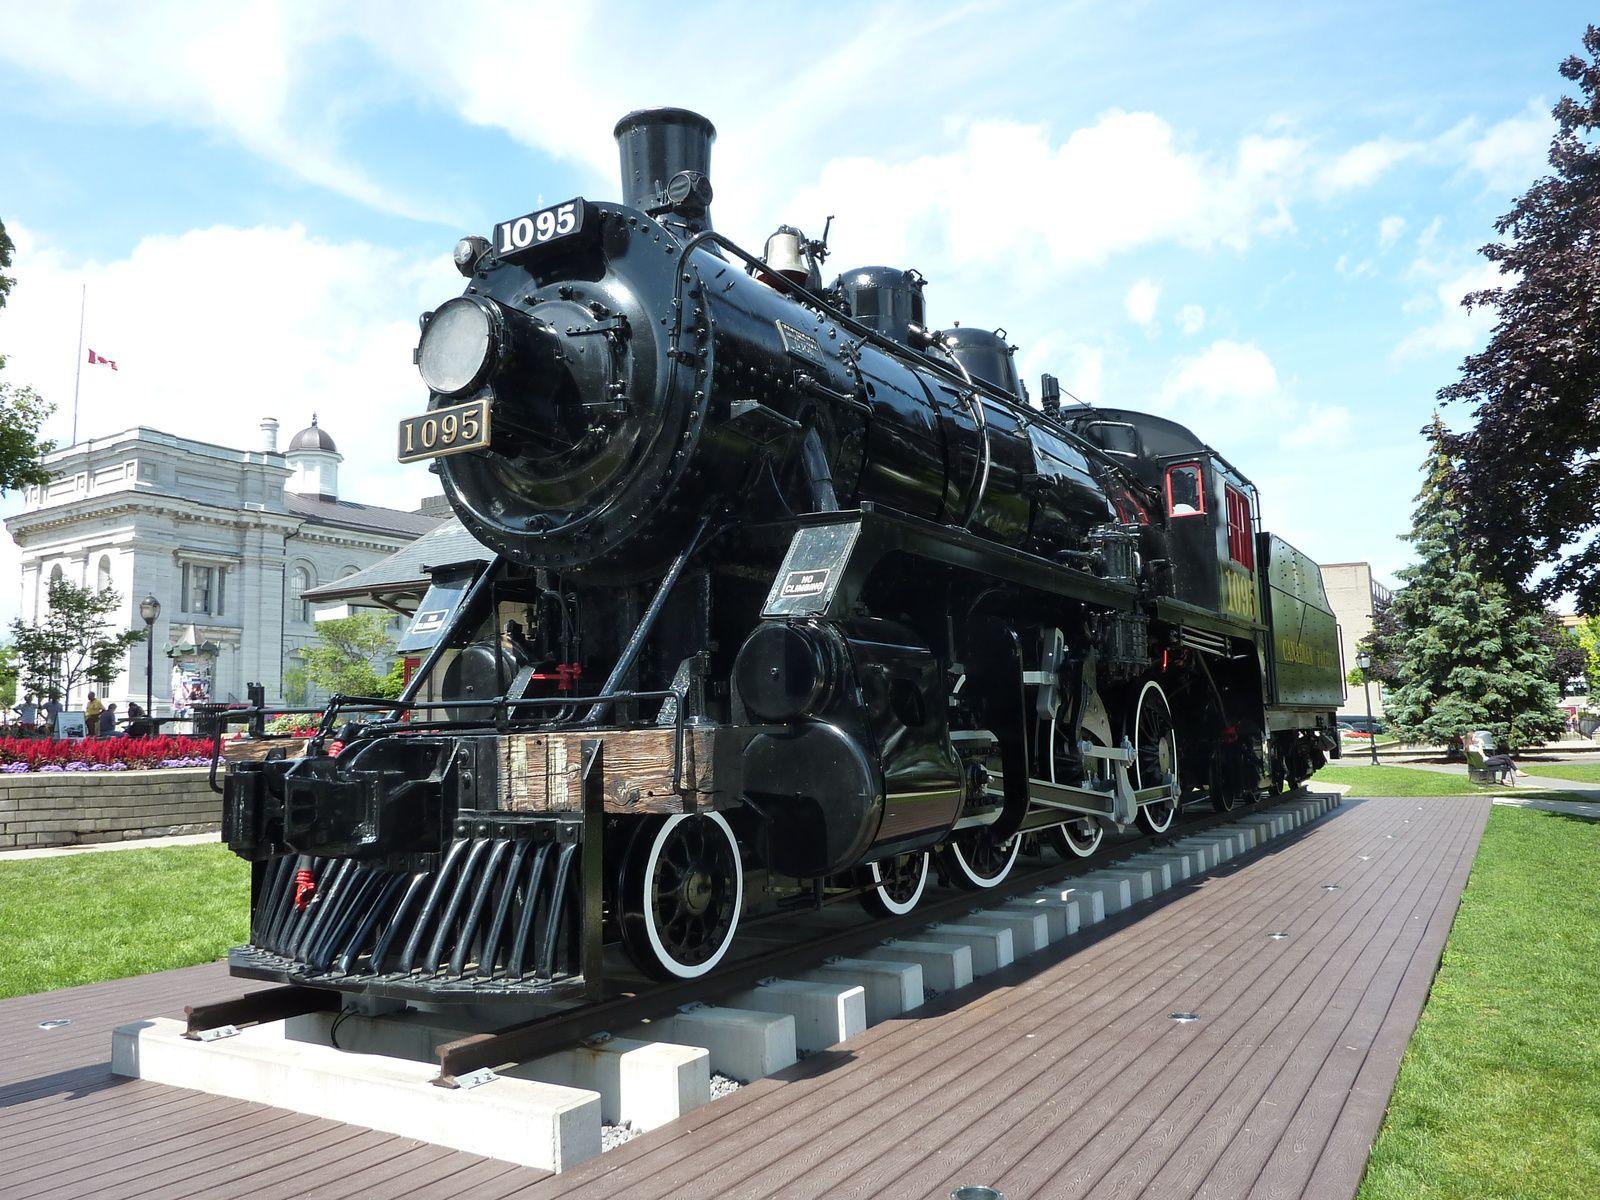 Monument d'une loco vapeur de la Canadian Pacific 1095 à Kingston (Ontario).